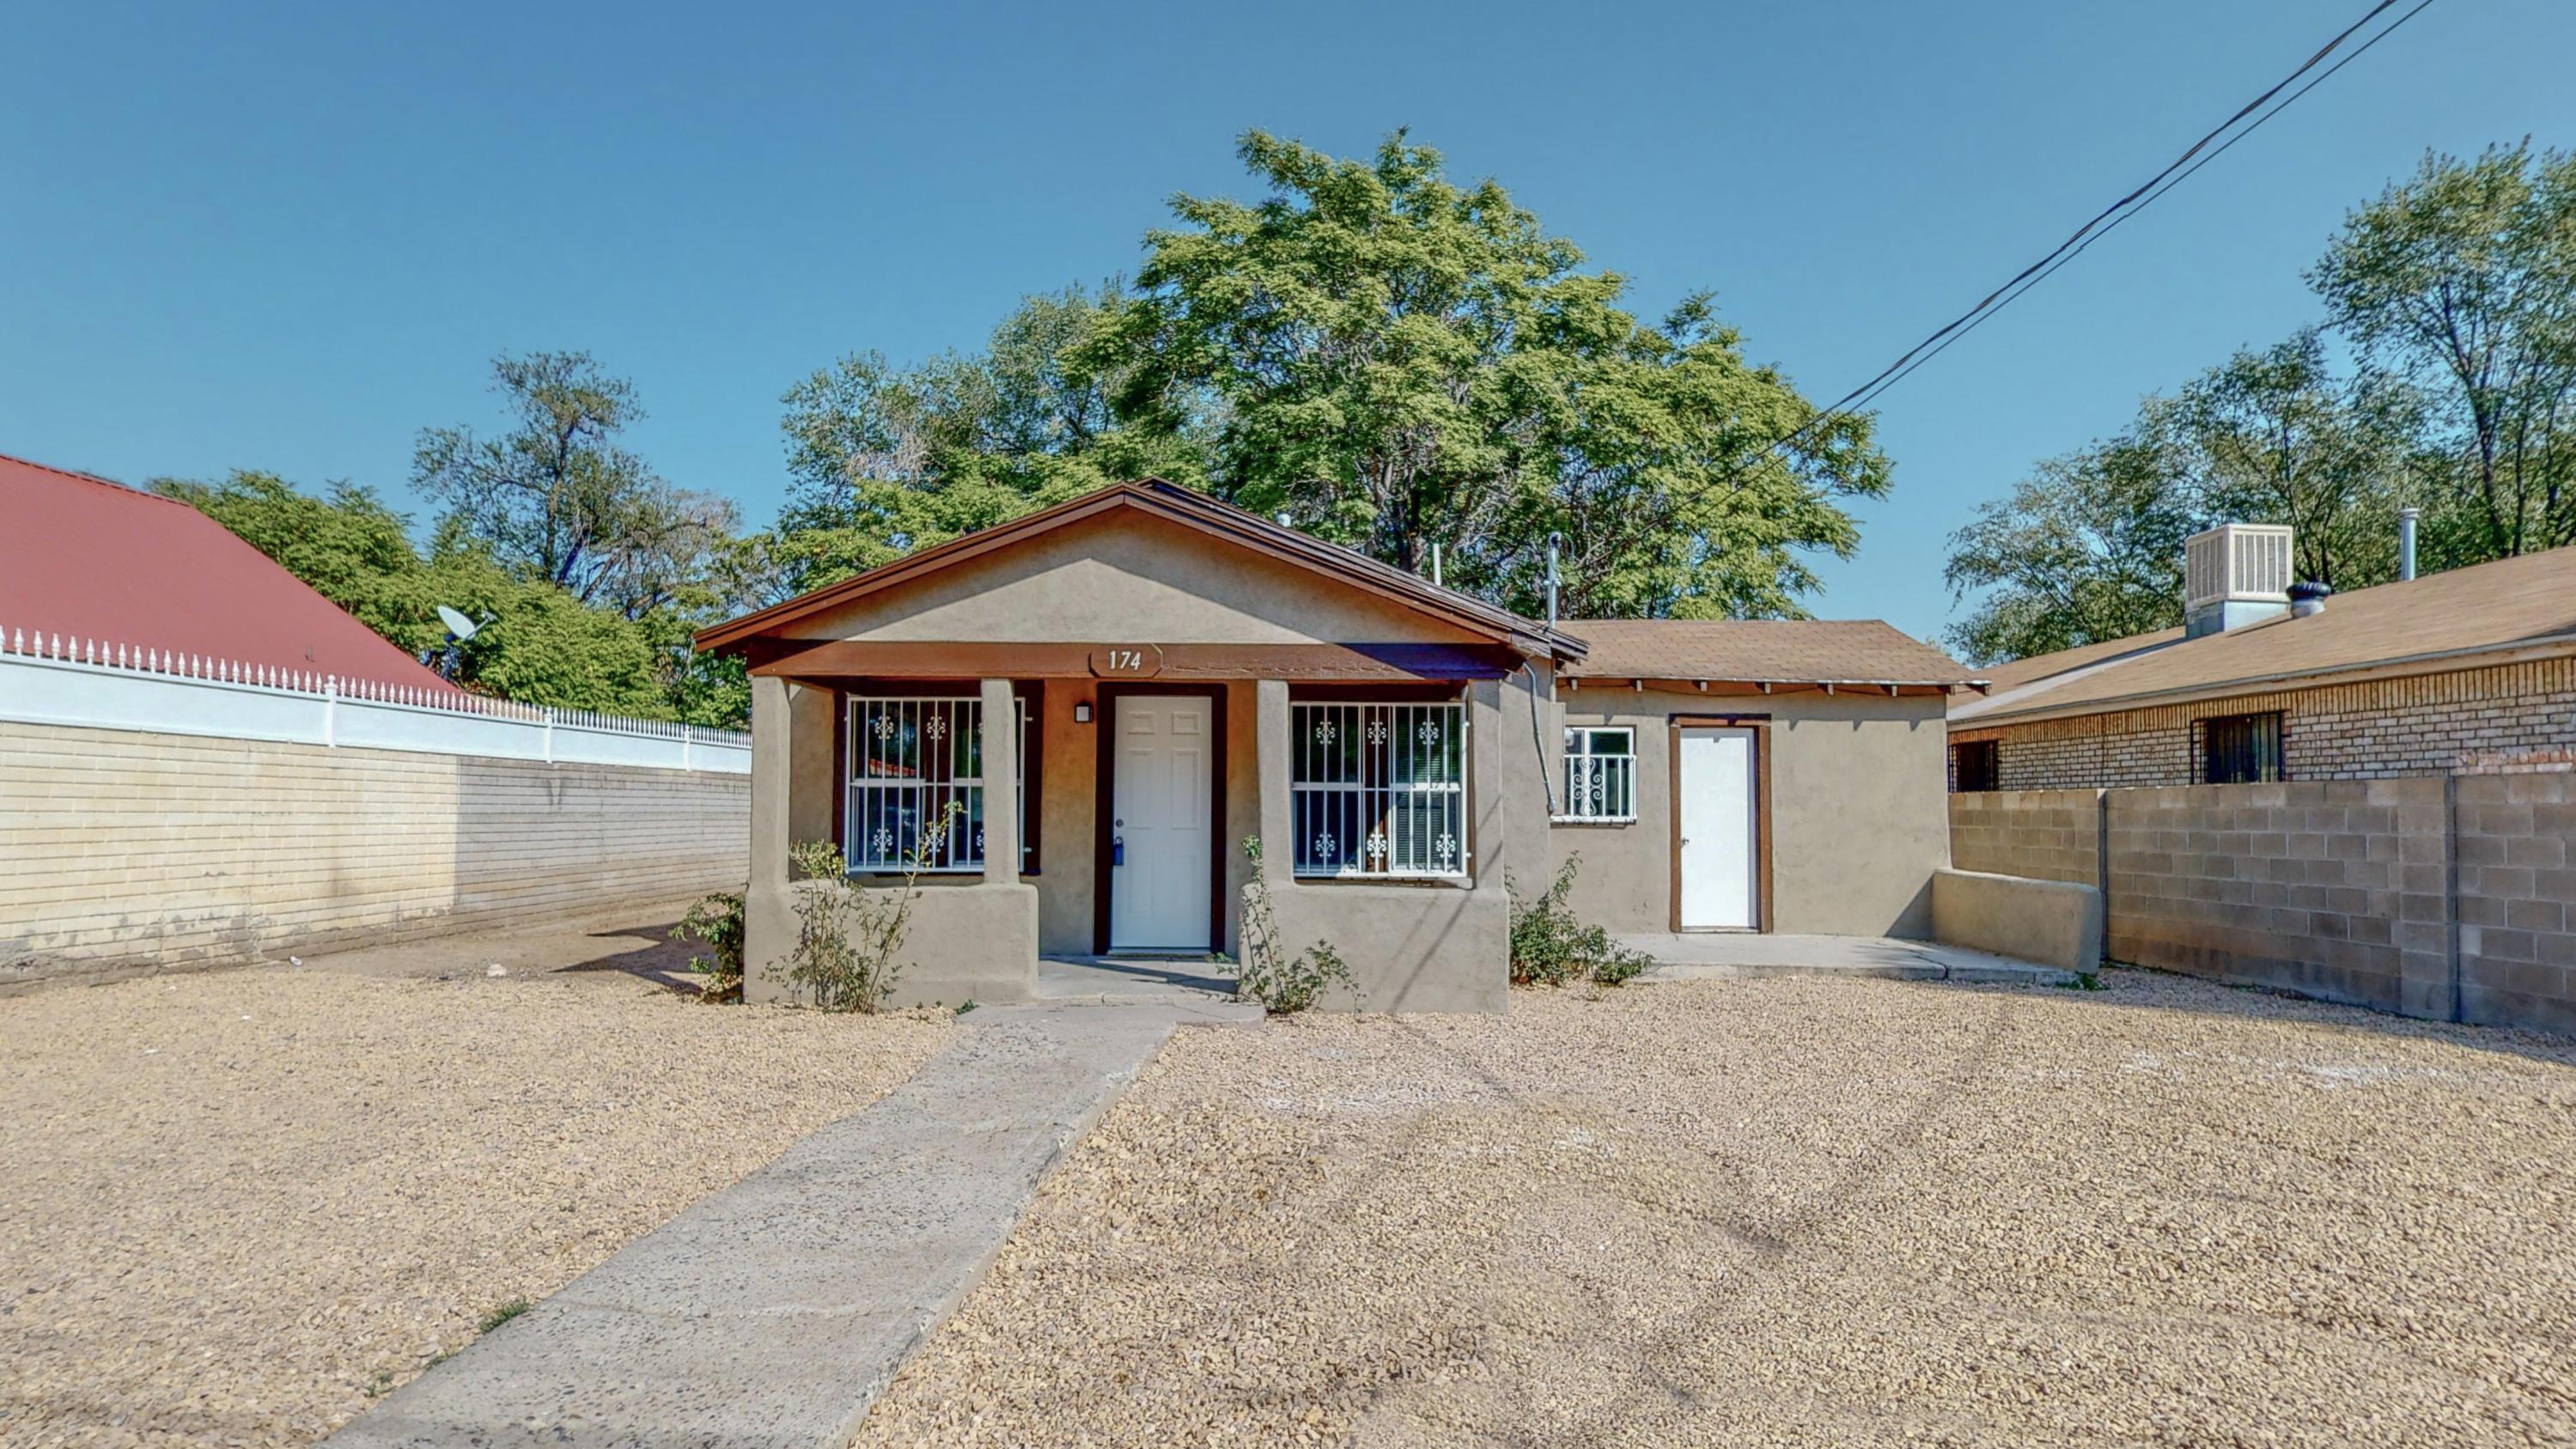 174 La Vega Road, Albuquerque NM 87105